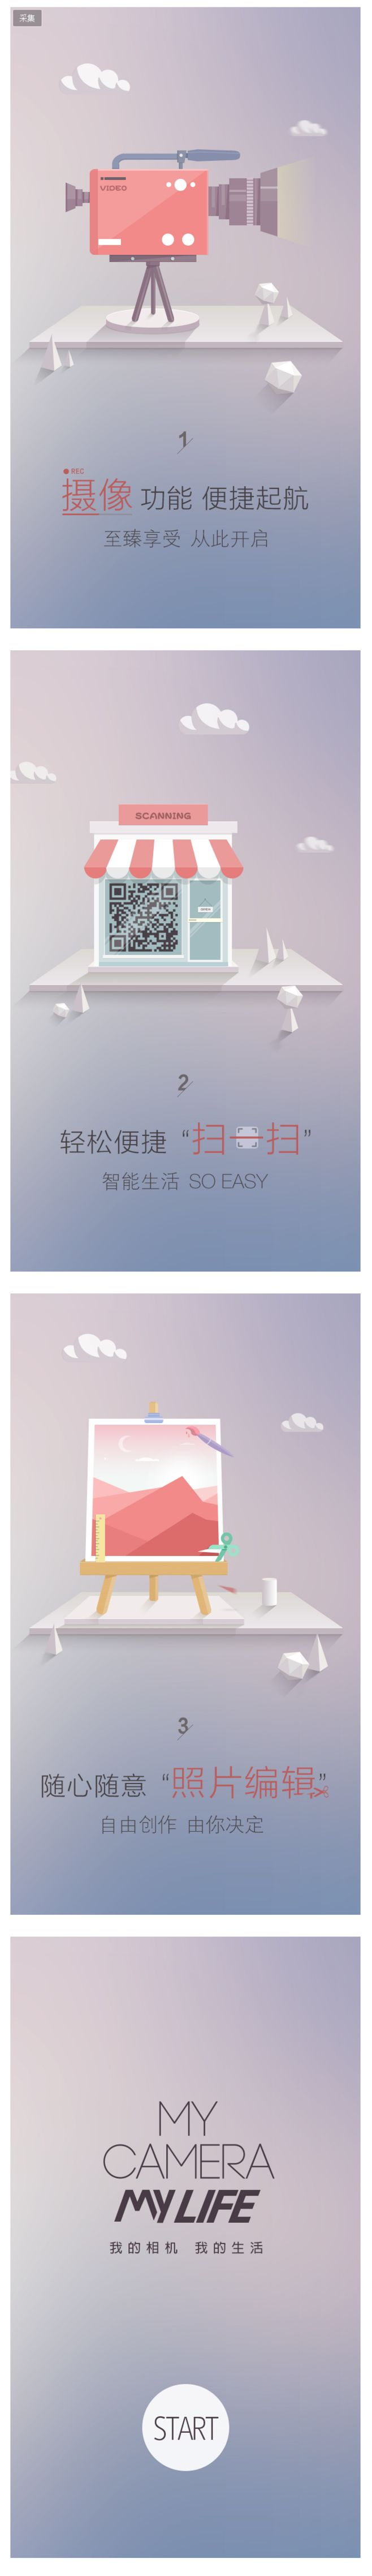 camera360 引导页设计|移动设备...